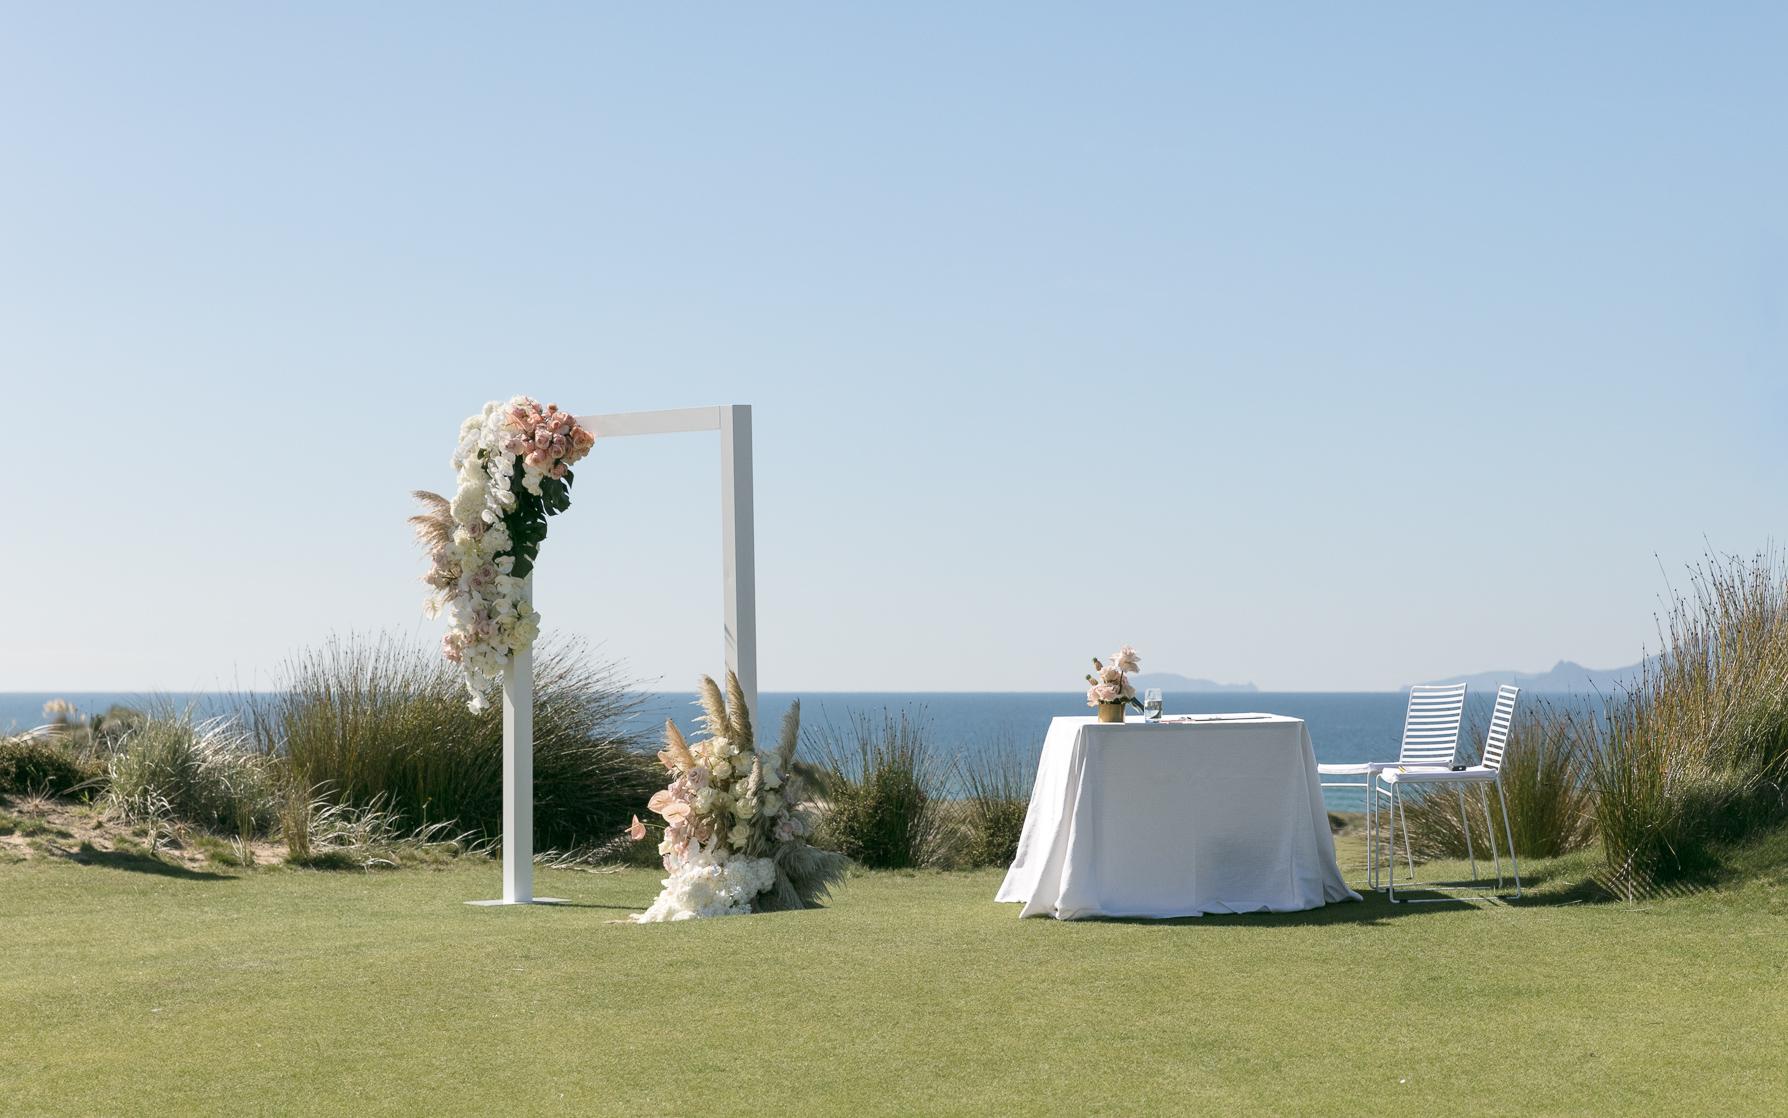 ©MichelleWeir-Blush-TaraIti-Wedding-72dpi-042.jpg